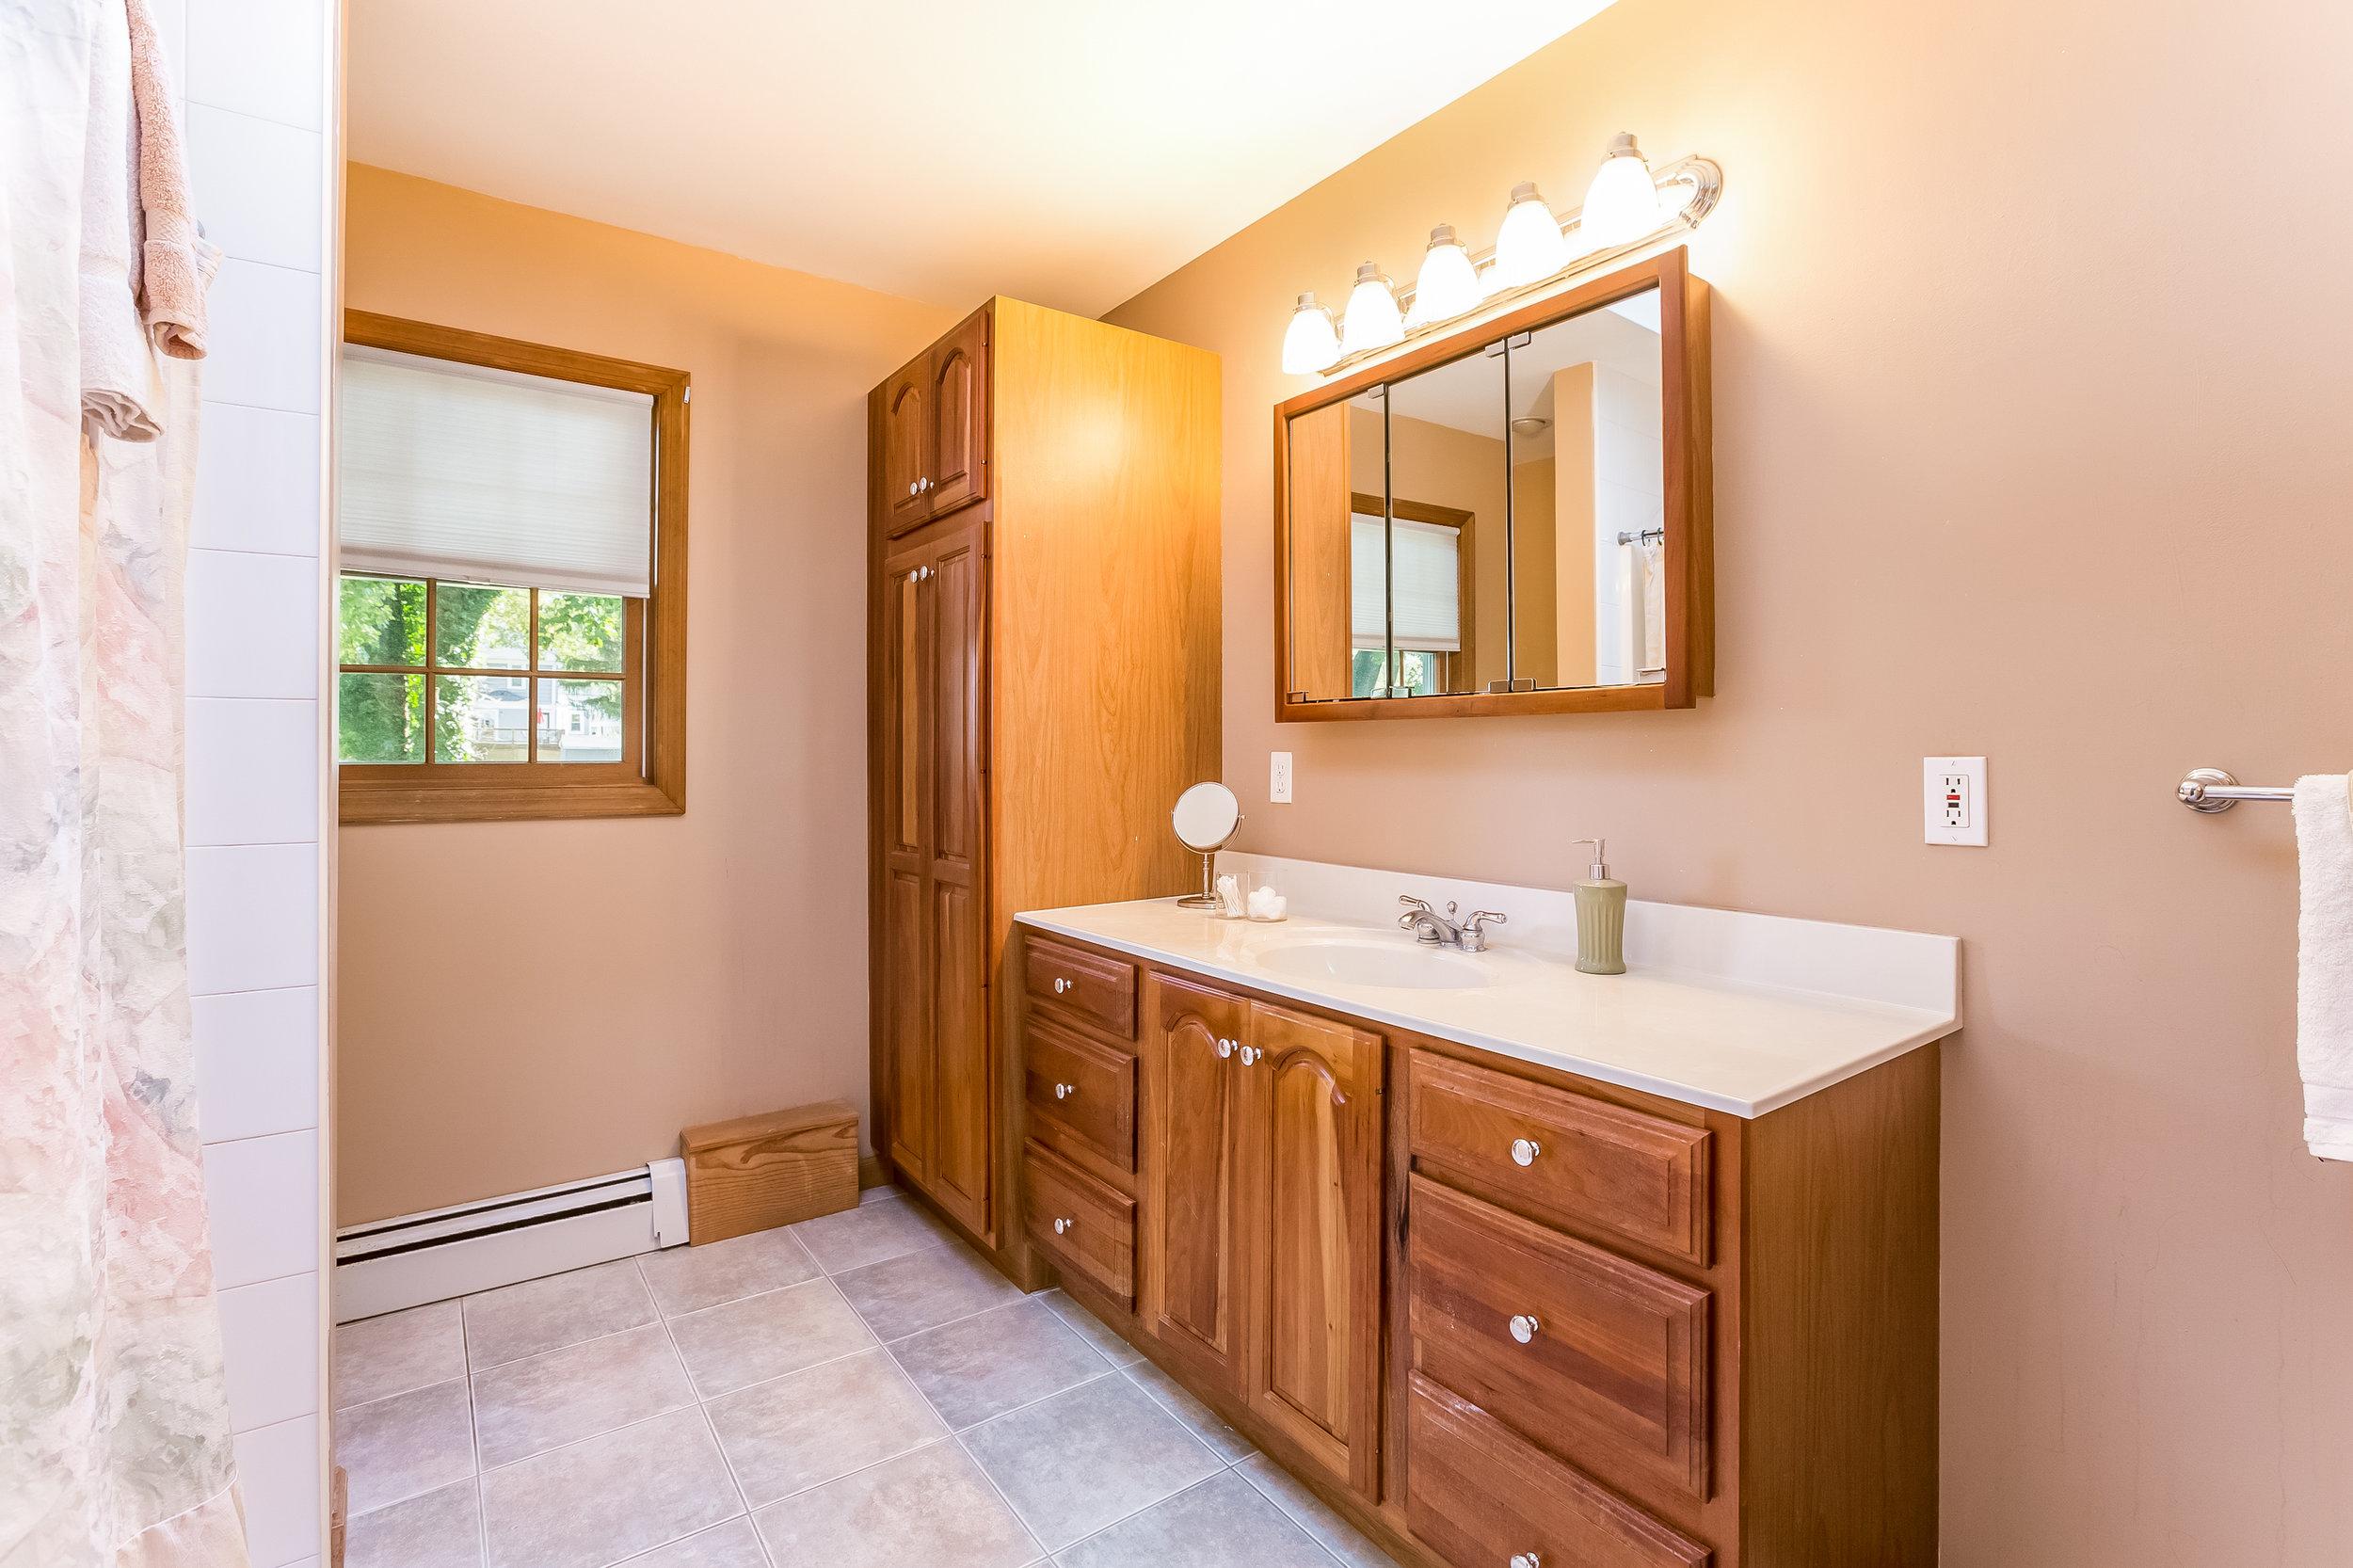 031-Master_Bathroom-5002162-large.jpg